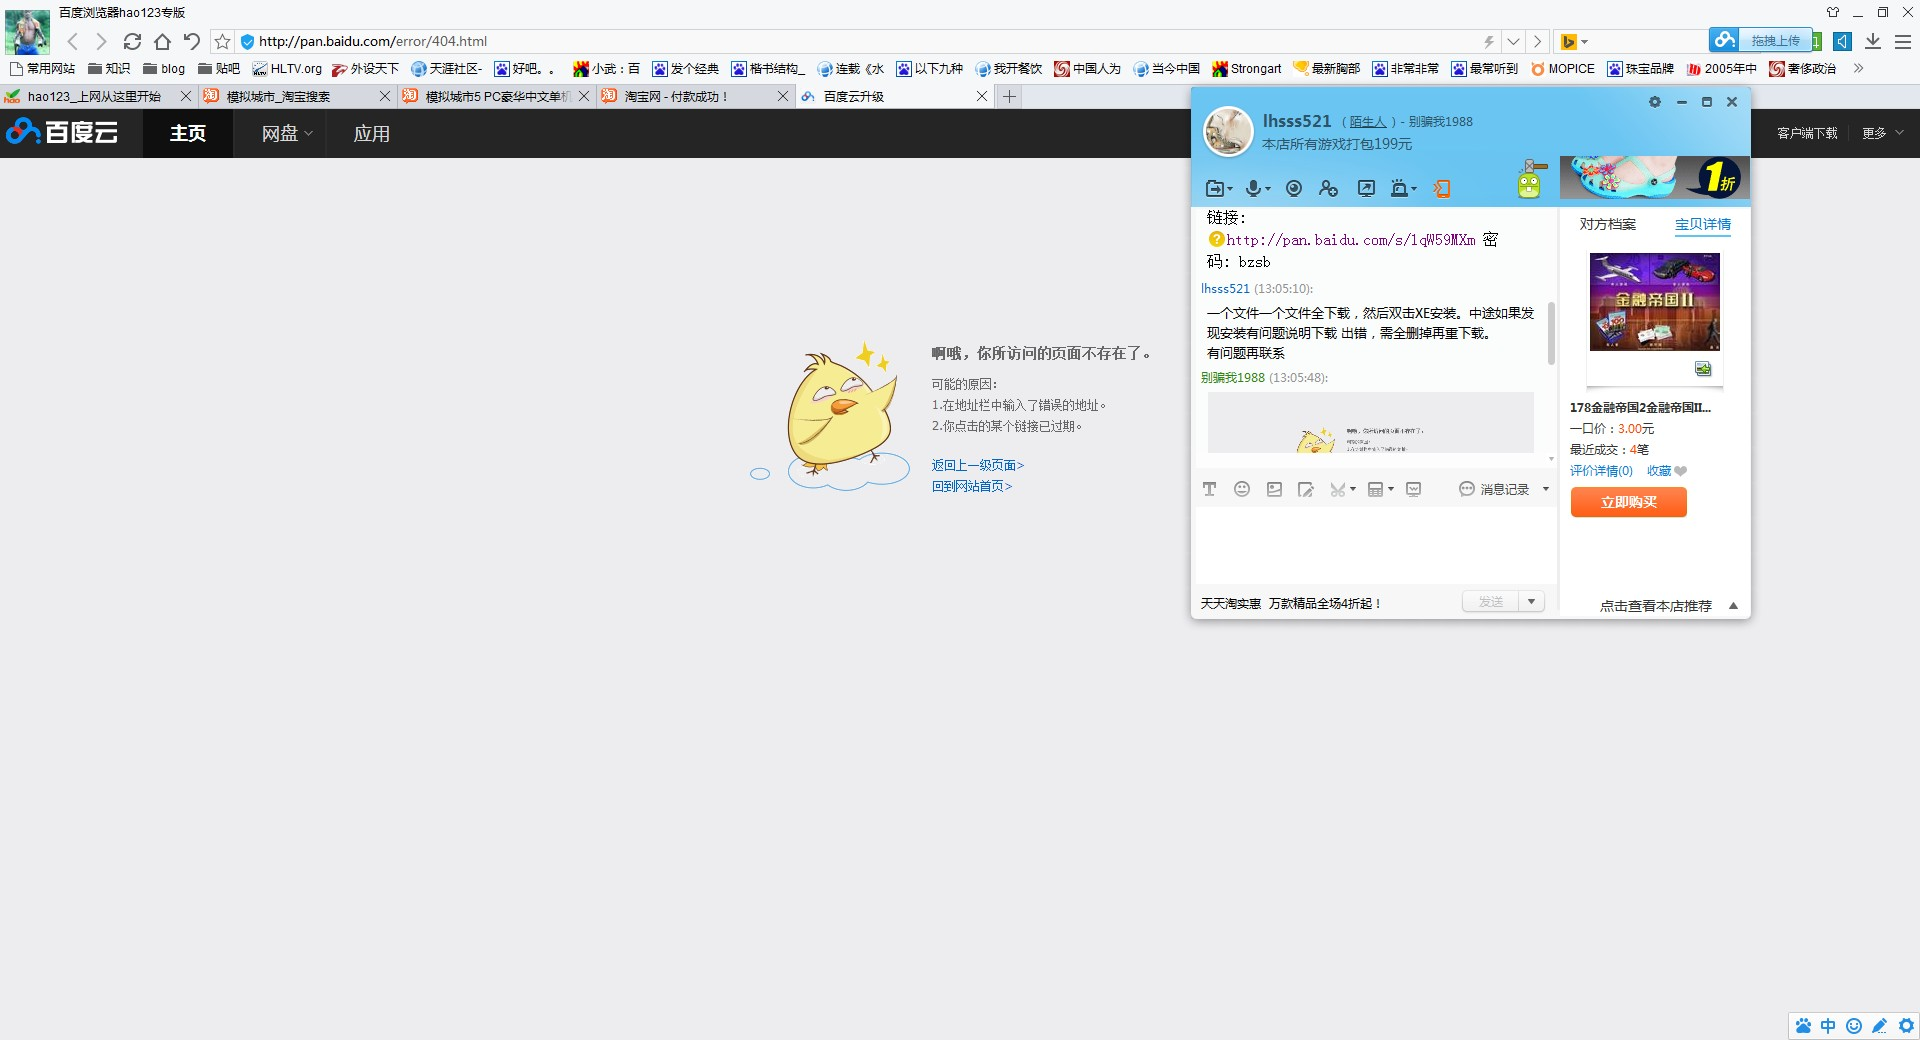 59xucom亚米下载链接 亚米直播网站是多少